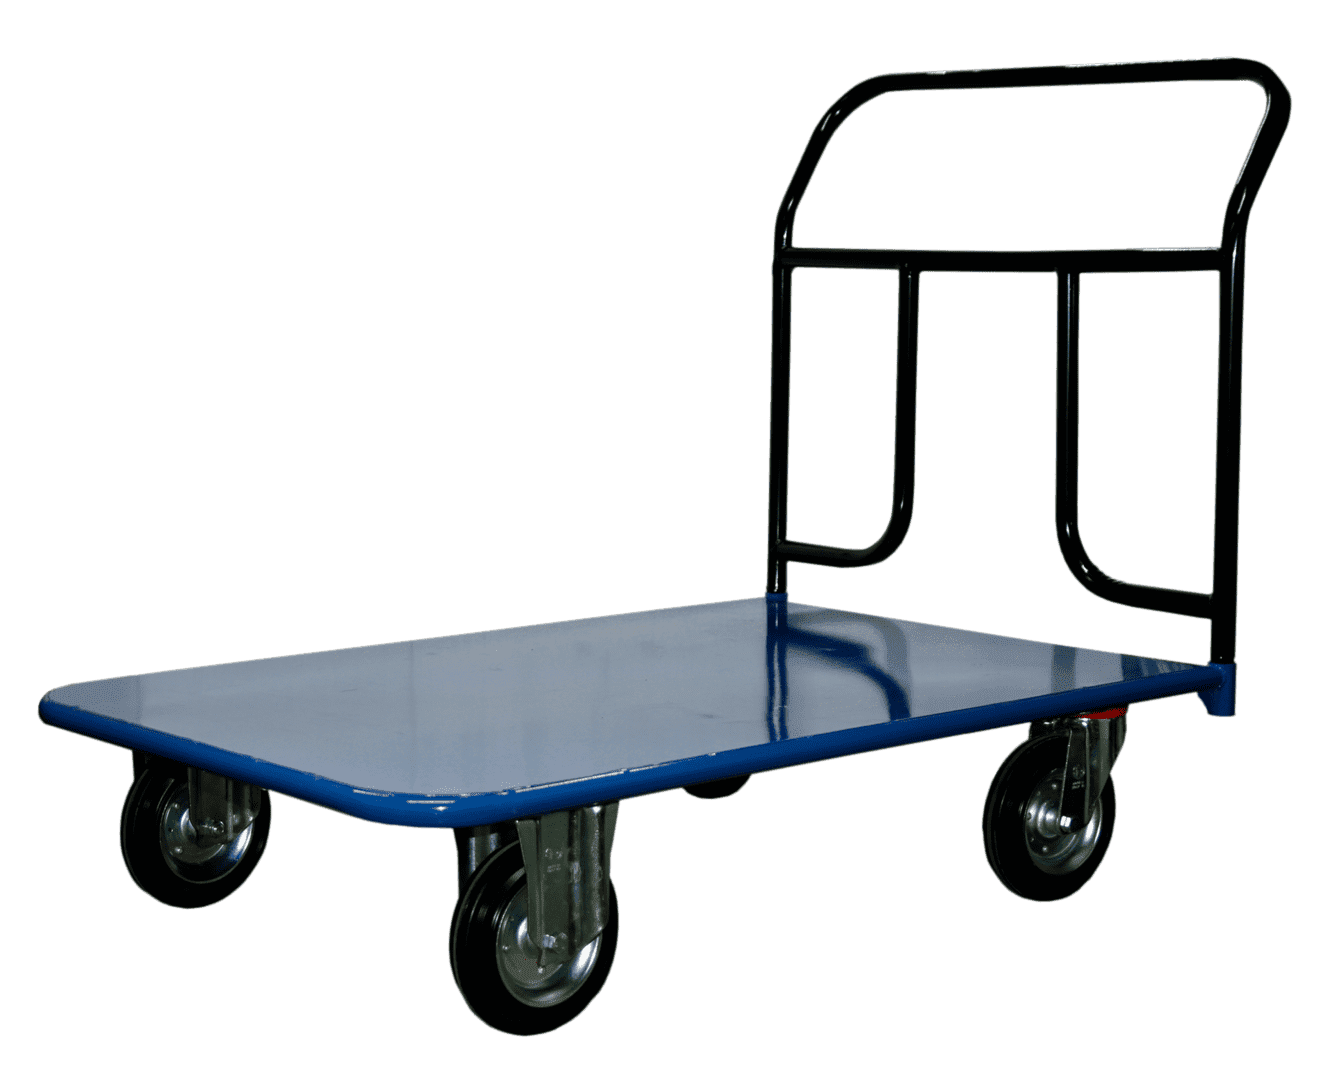 Основные особенности выбора платформенной тележки для склада